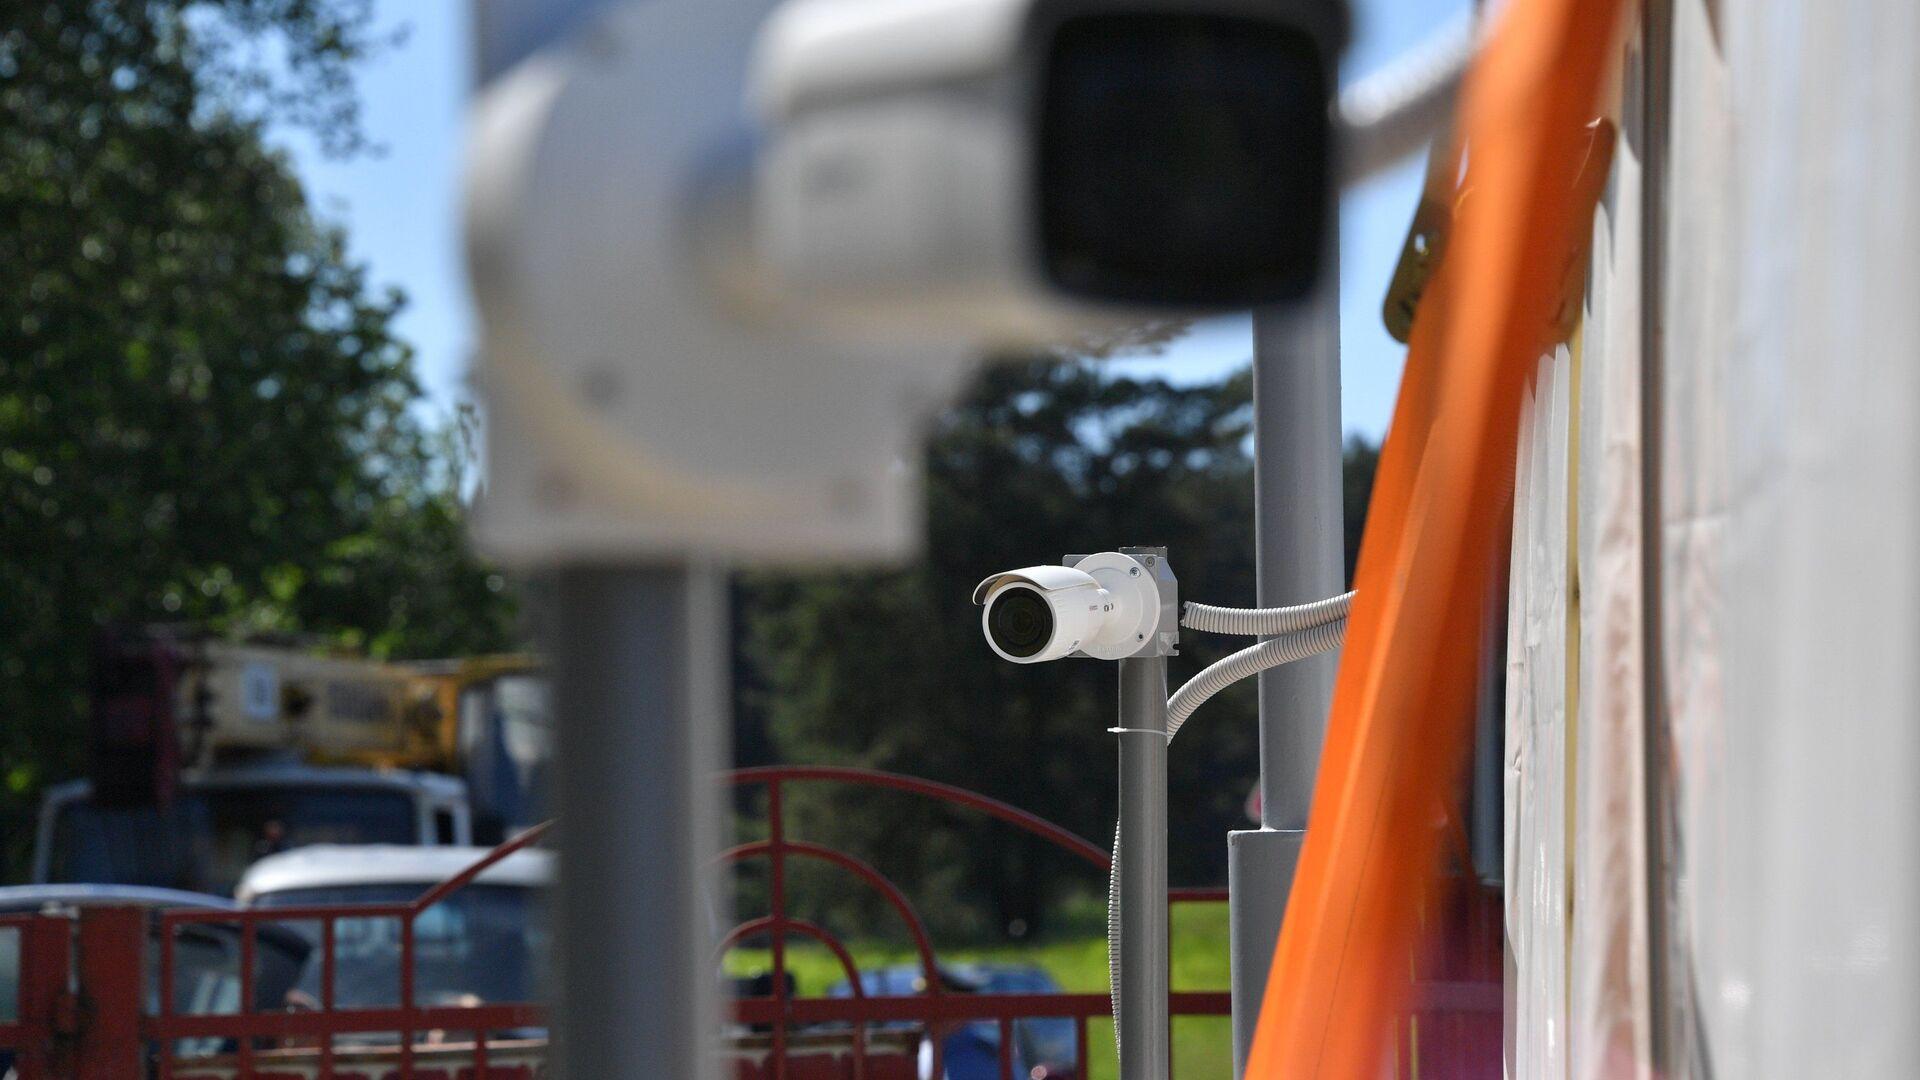 Умные камеры смогут распознавать лица - Sputnik Беларусь, 1920, 16.09.2021